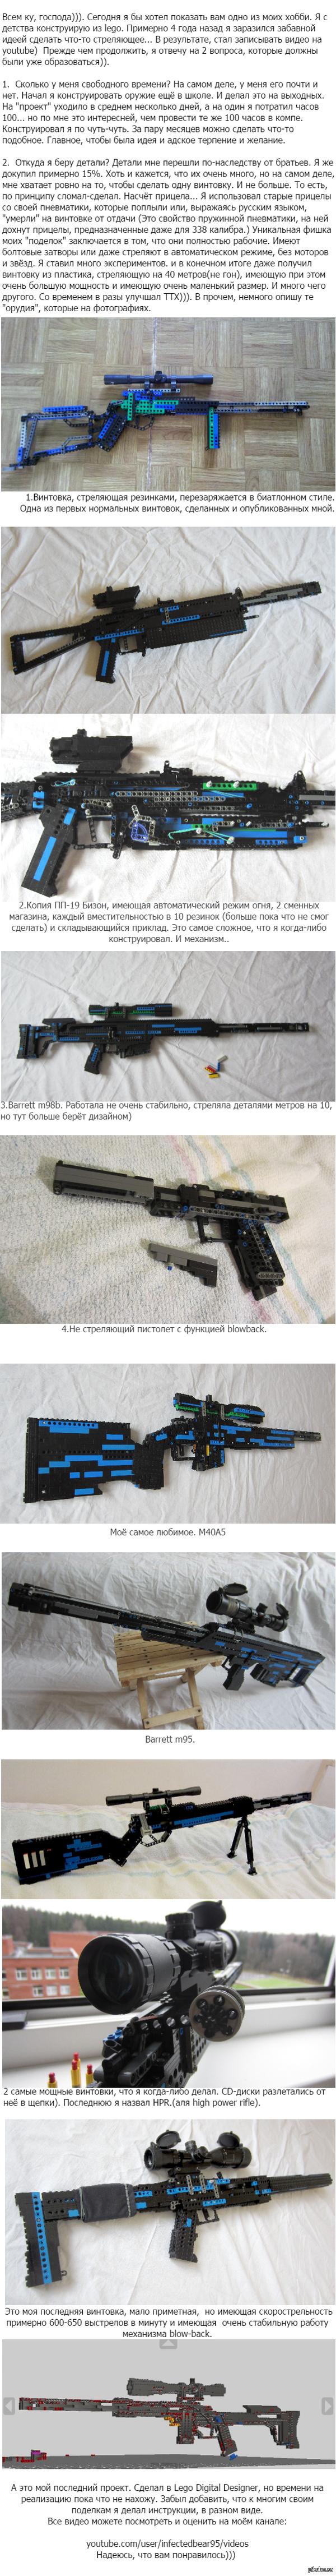 Собираю оружие, из lego...